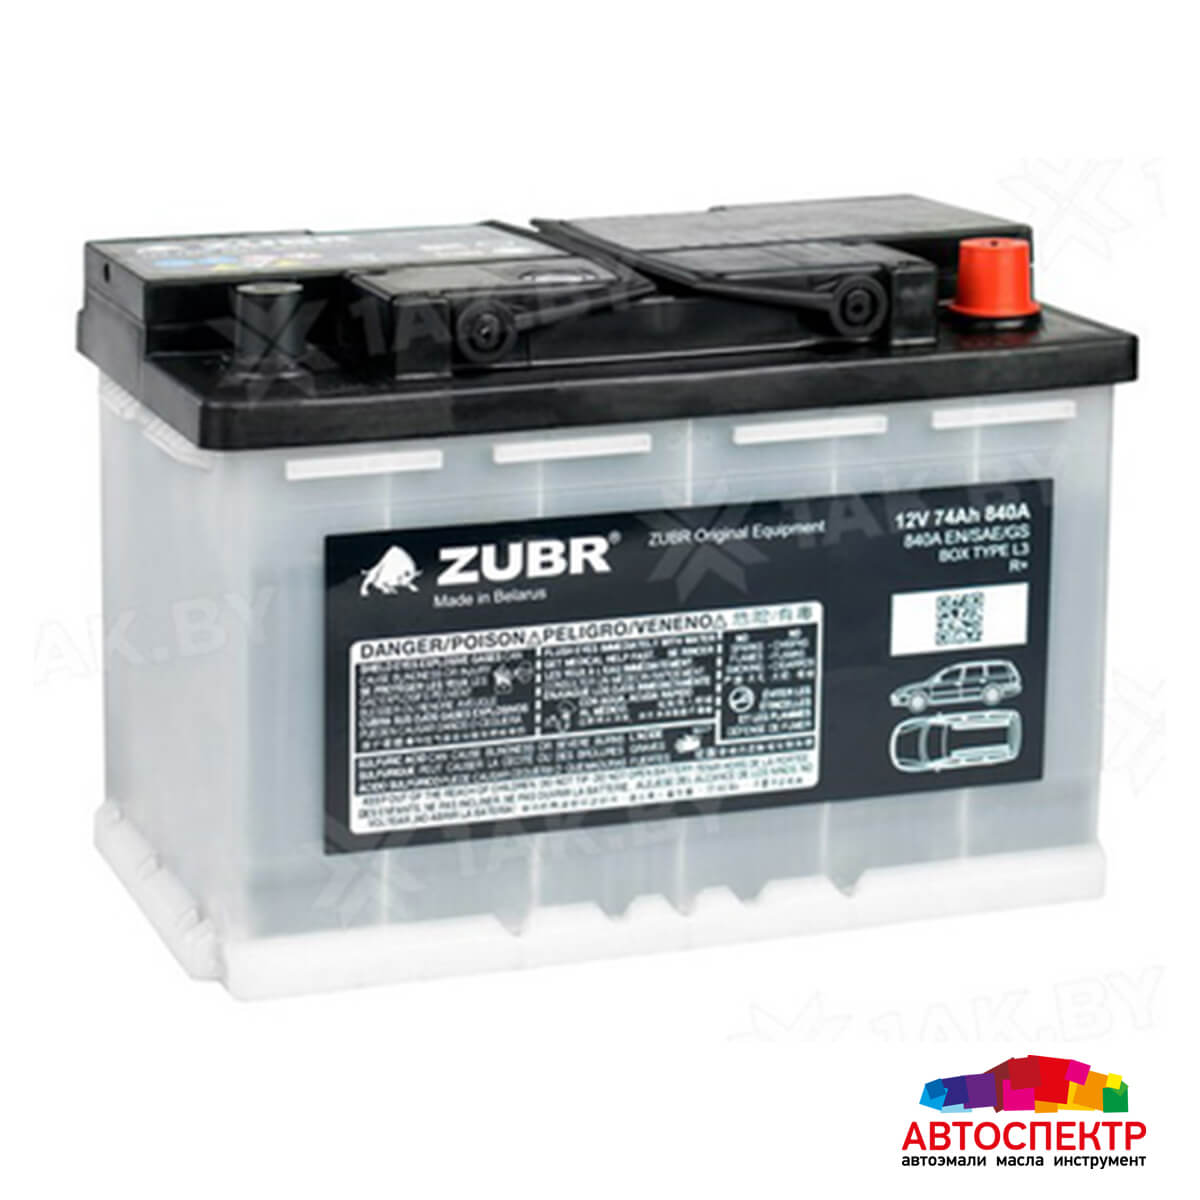 ZUBR Аккумуляторная батарея автомобильная Original  74 A/h обратная полярность